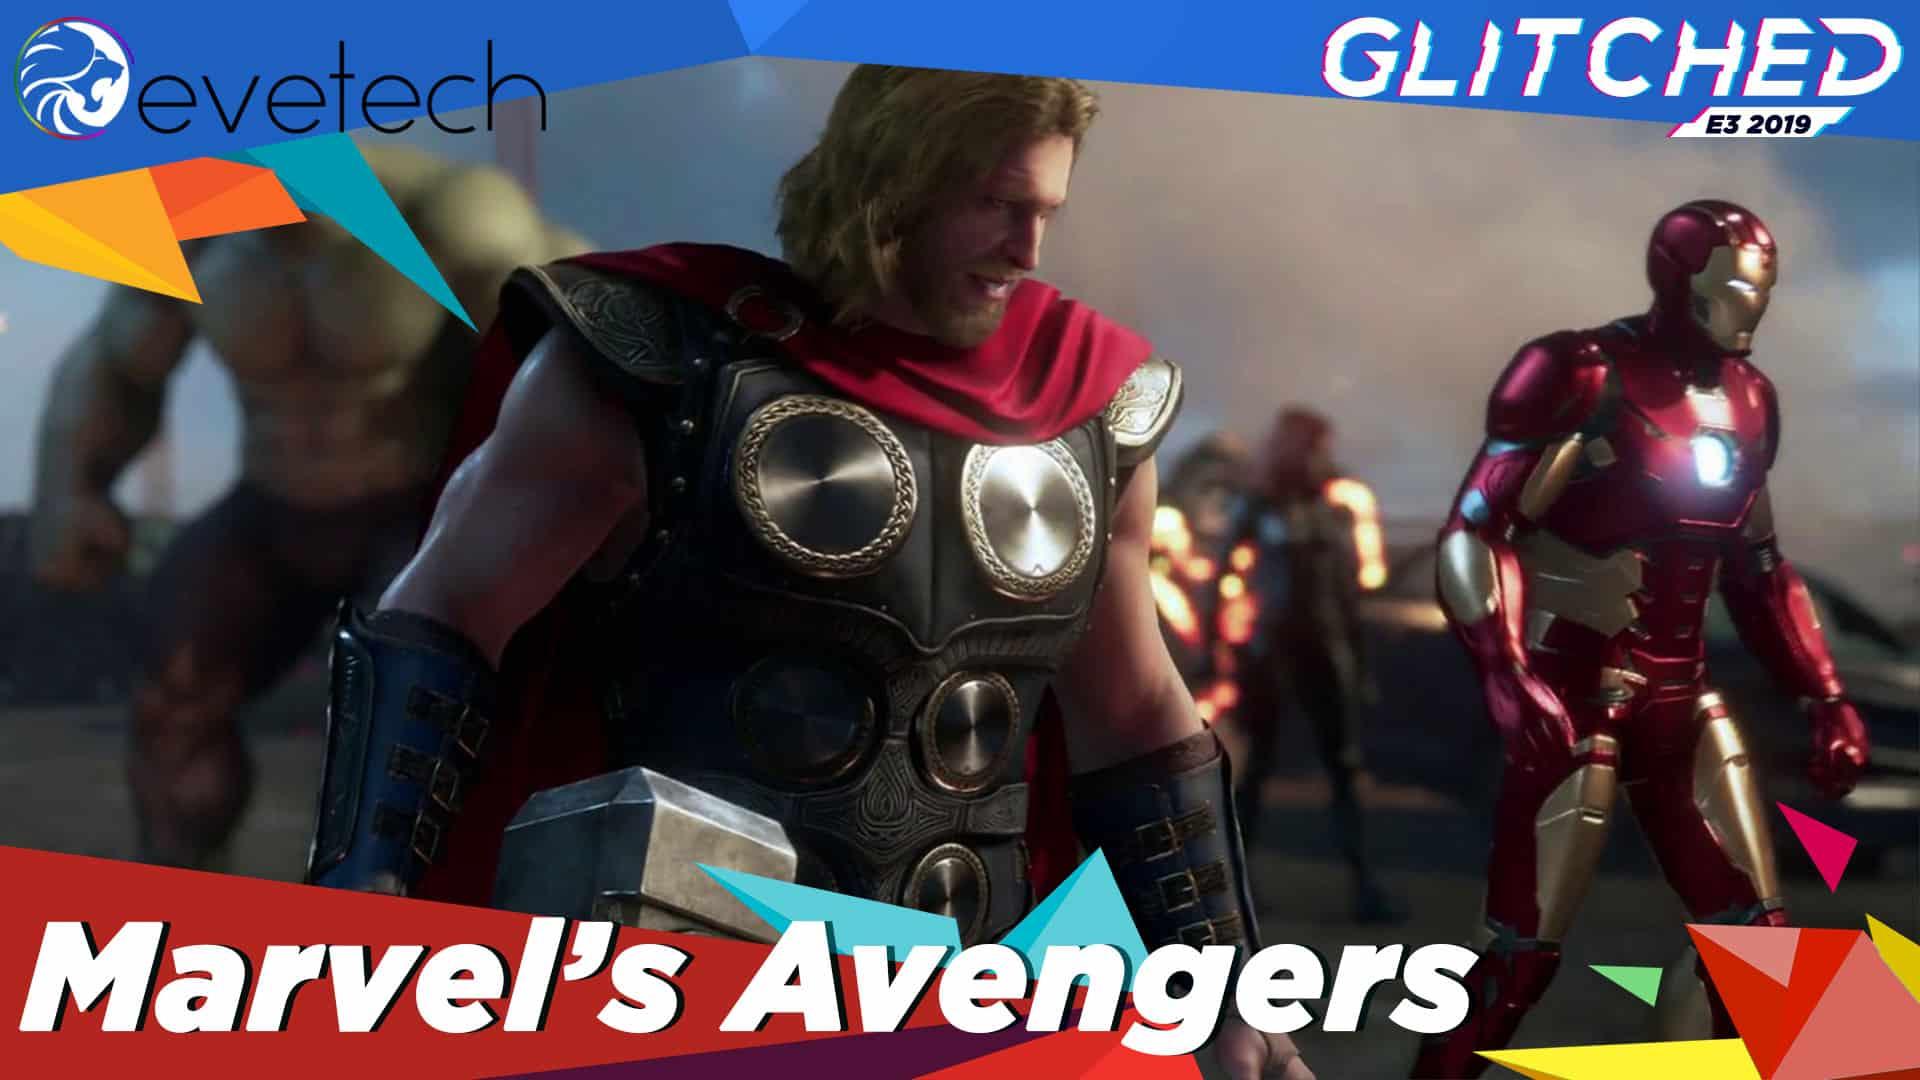 Marvel's Avengers release date